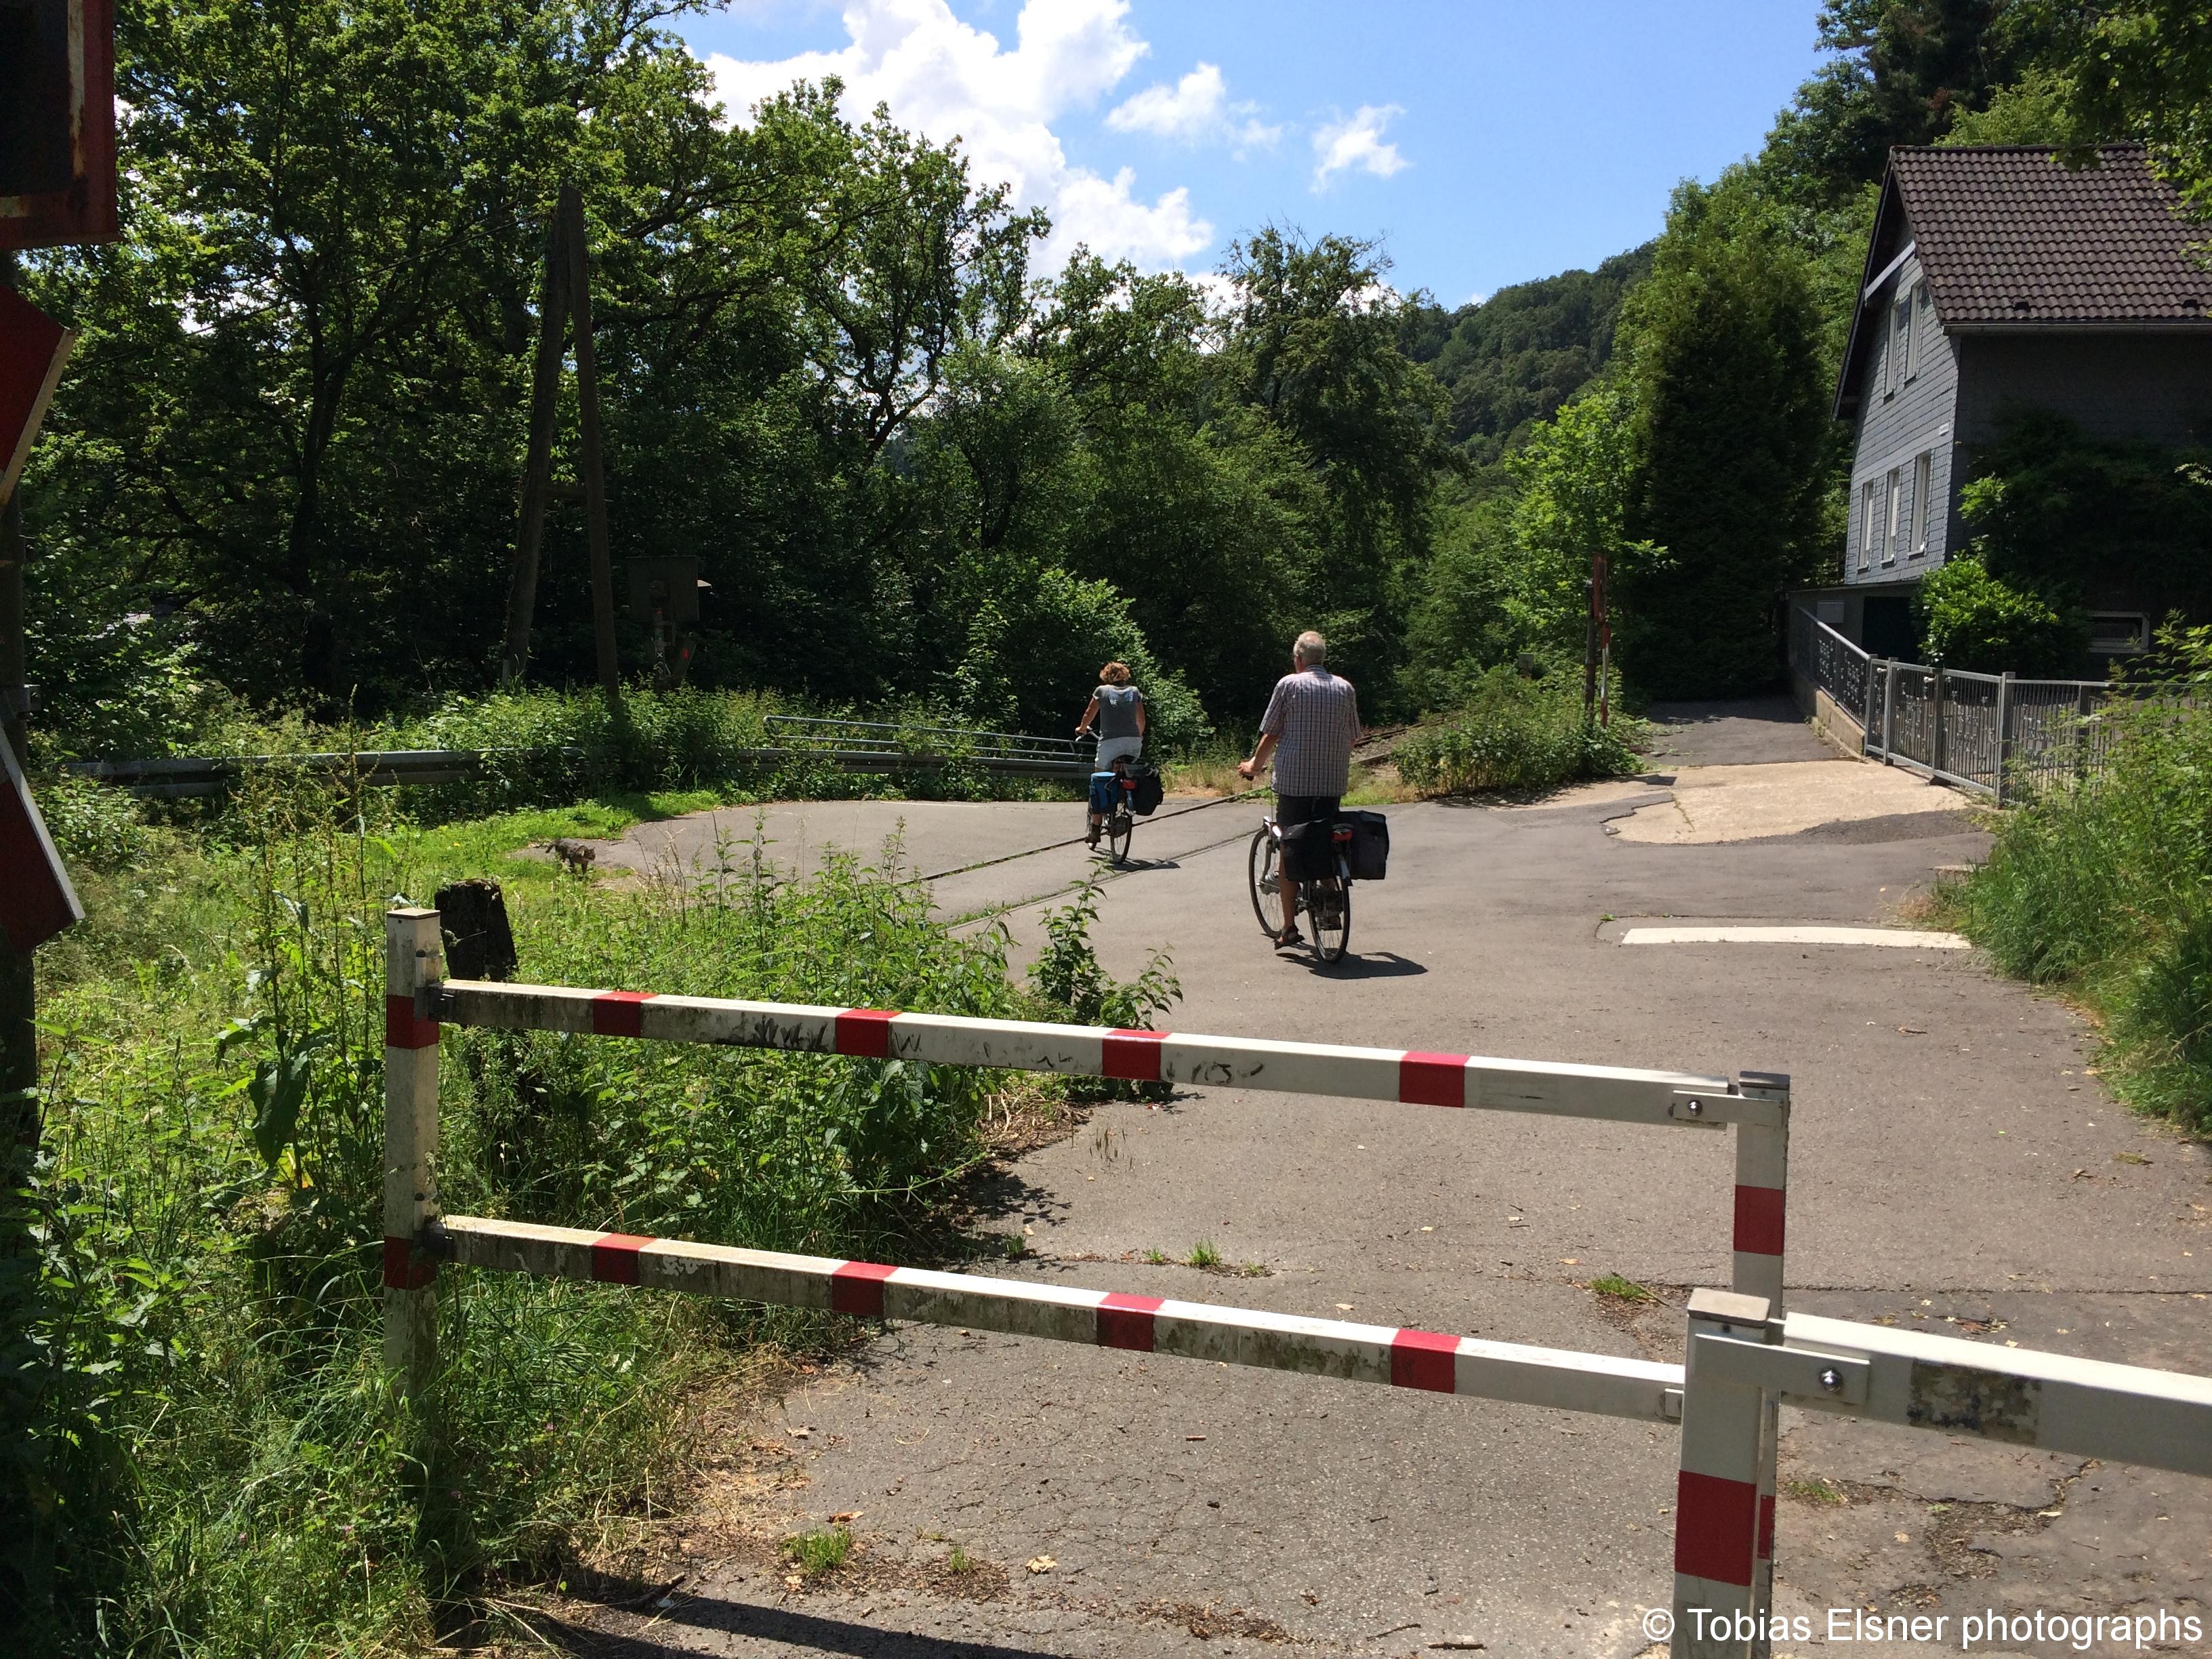 Wanderung Wald Wasser Wolle Weg Radevormwald 2014 Nr.63